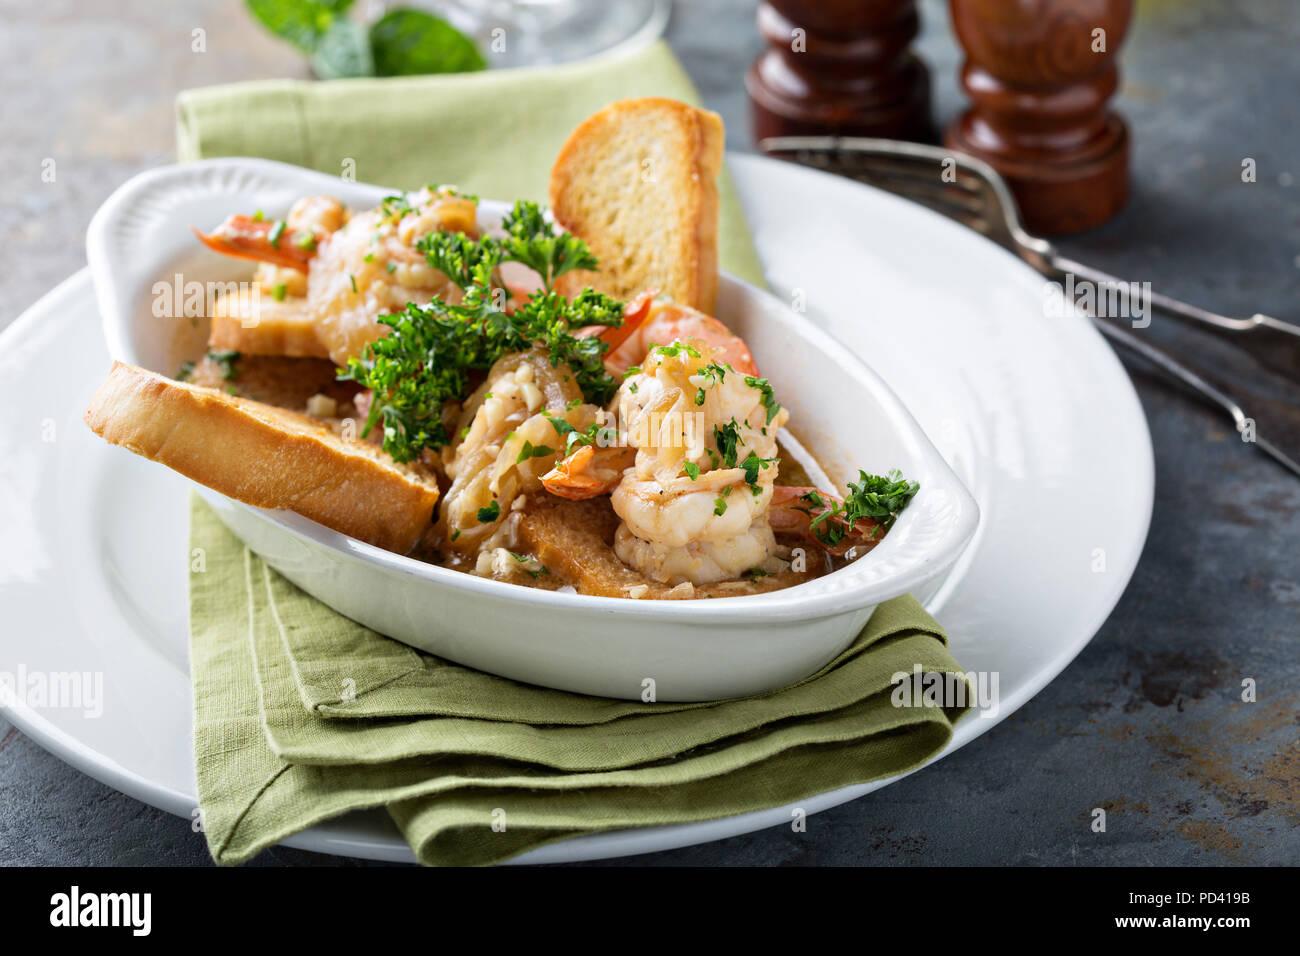 Gamberetti e salsa di pomodoro antipasto con pane tostato Foto Stock